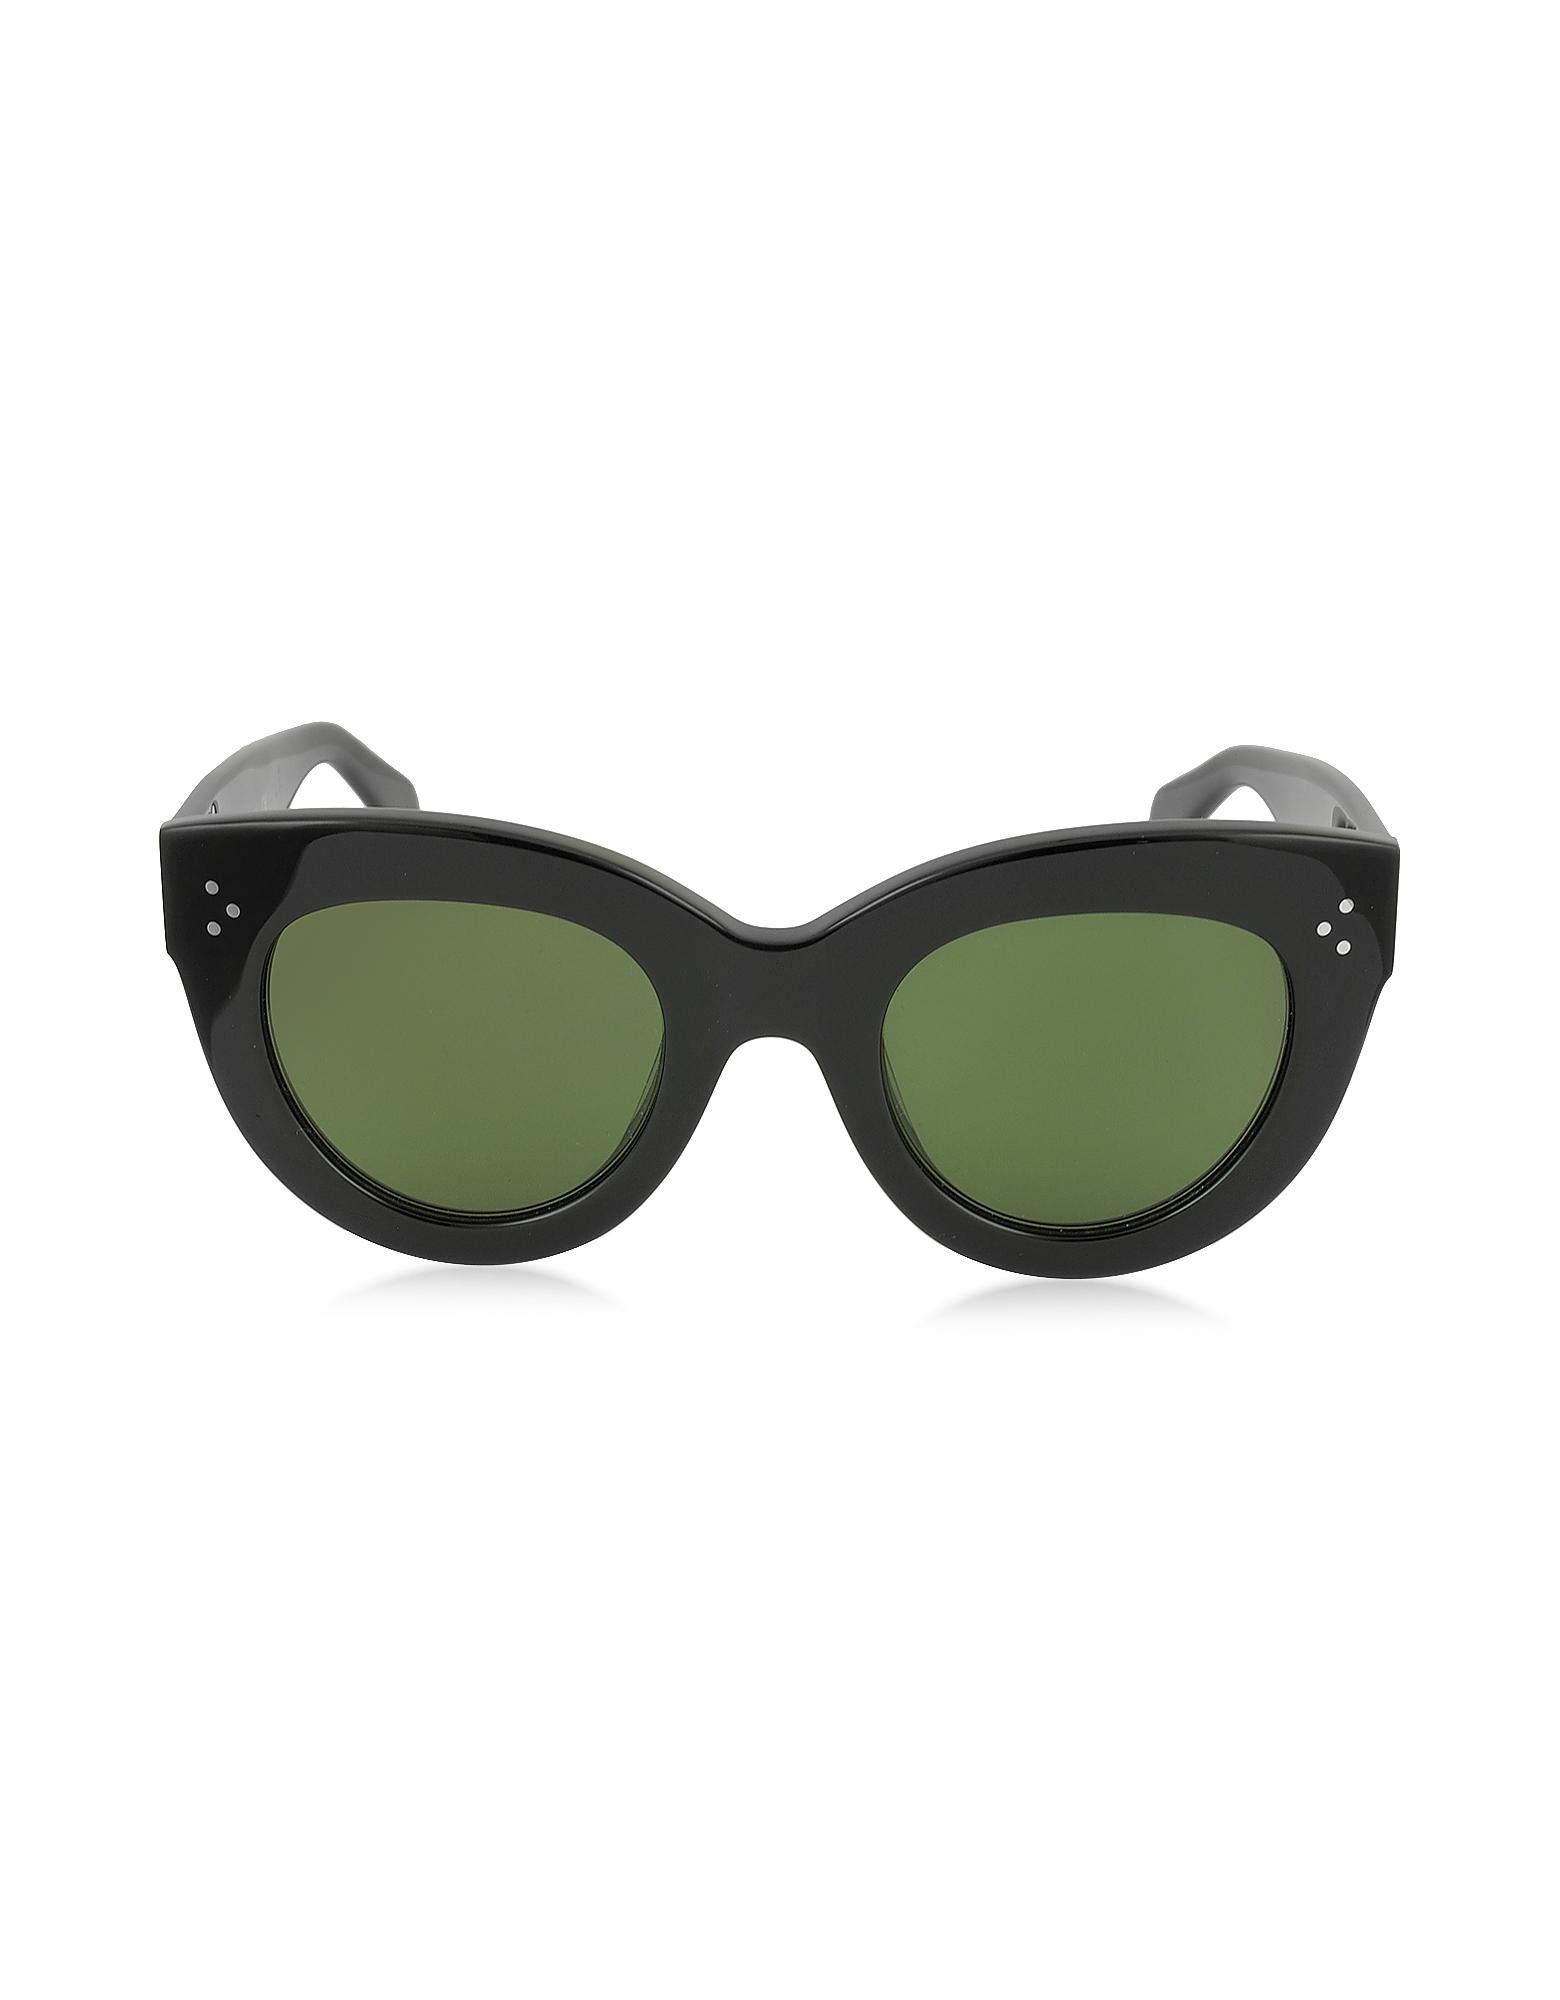 CATY CL 41050/S 8071E - Черные Женские Солнечные Очки Кошачий Глаз из Ацетата